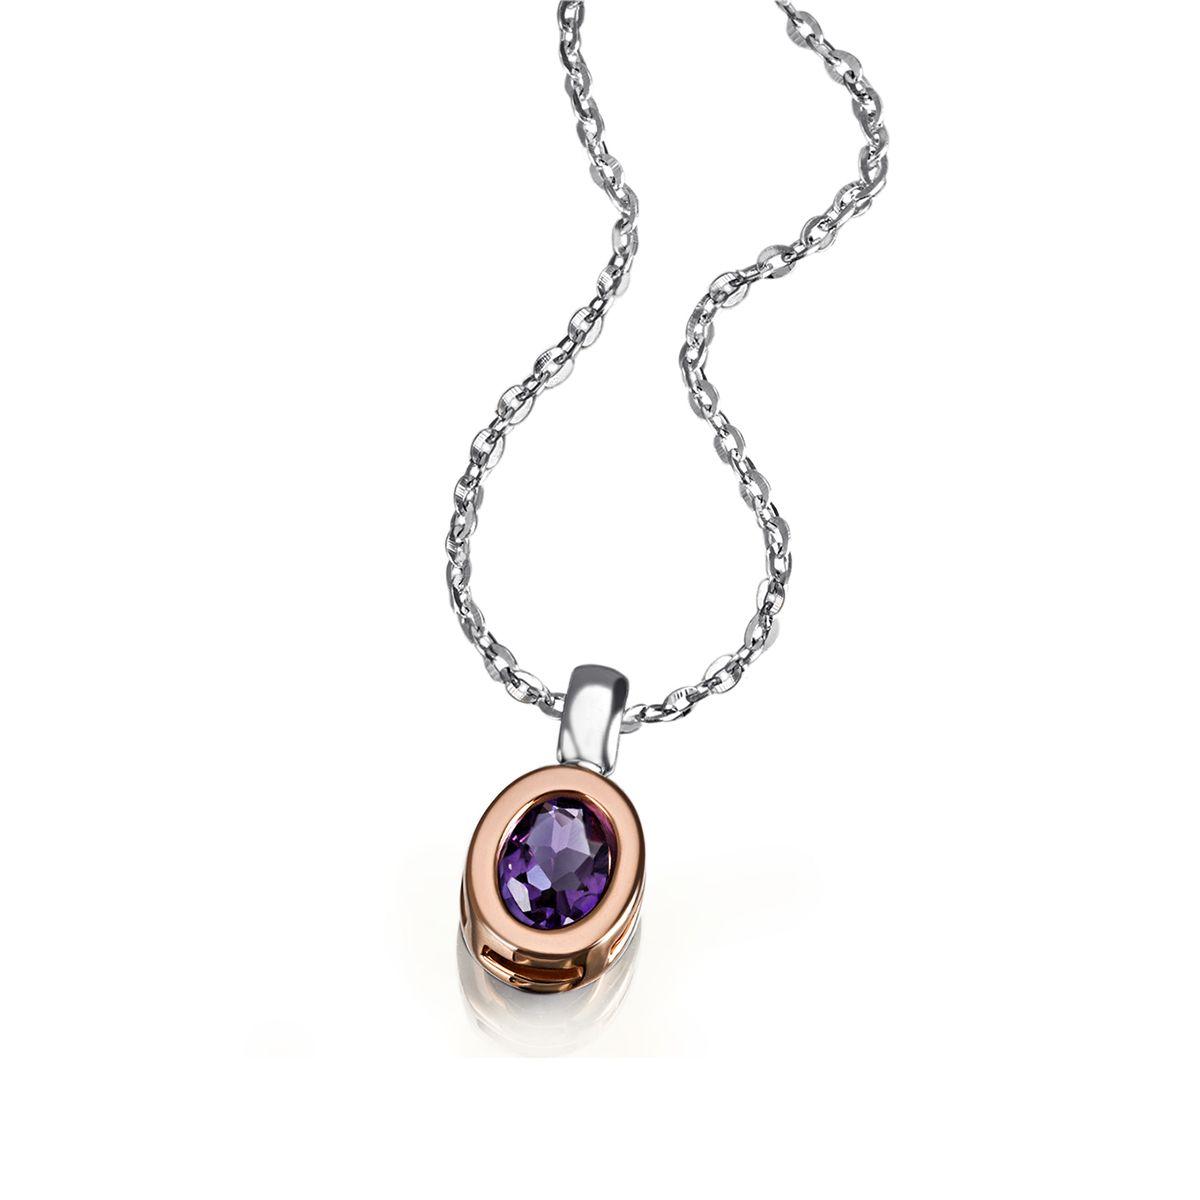 AVERDIN Averdin Collier 925/- Silber teilweise rot vergoldet 1 lila Amethyst